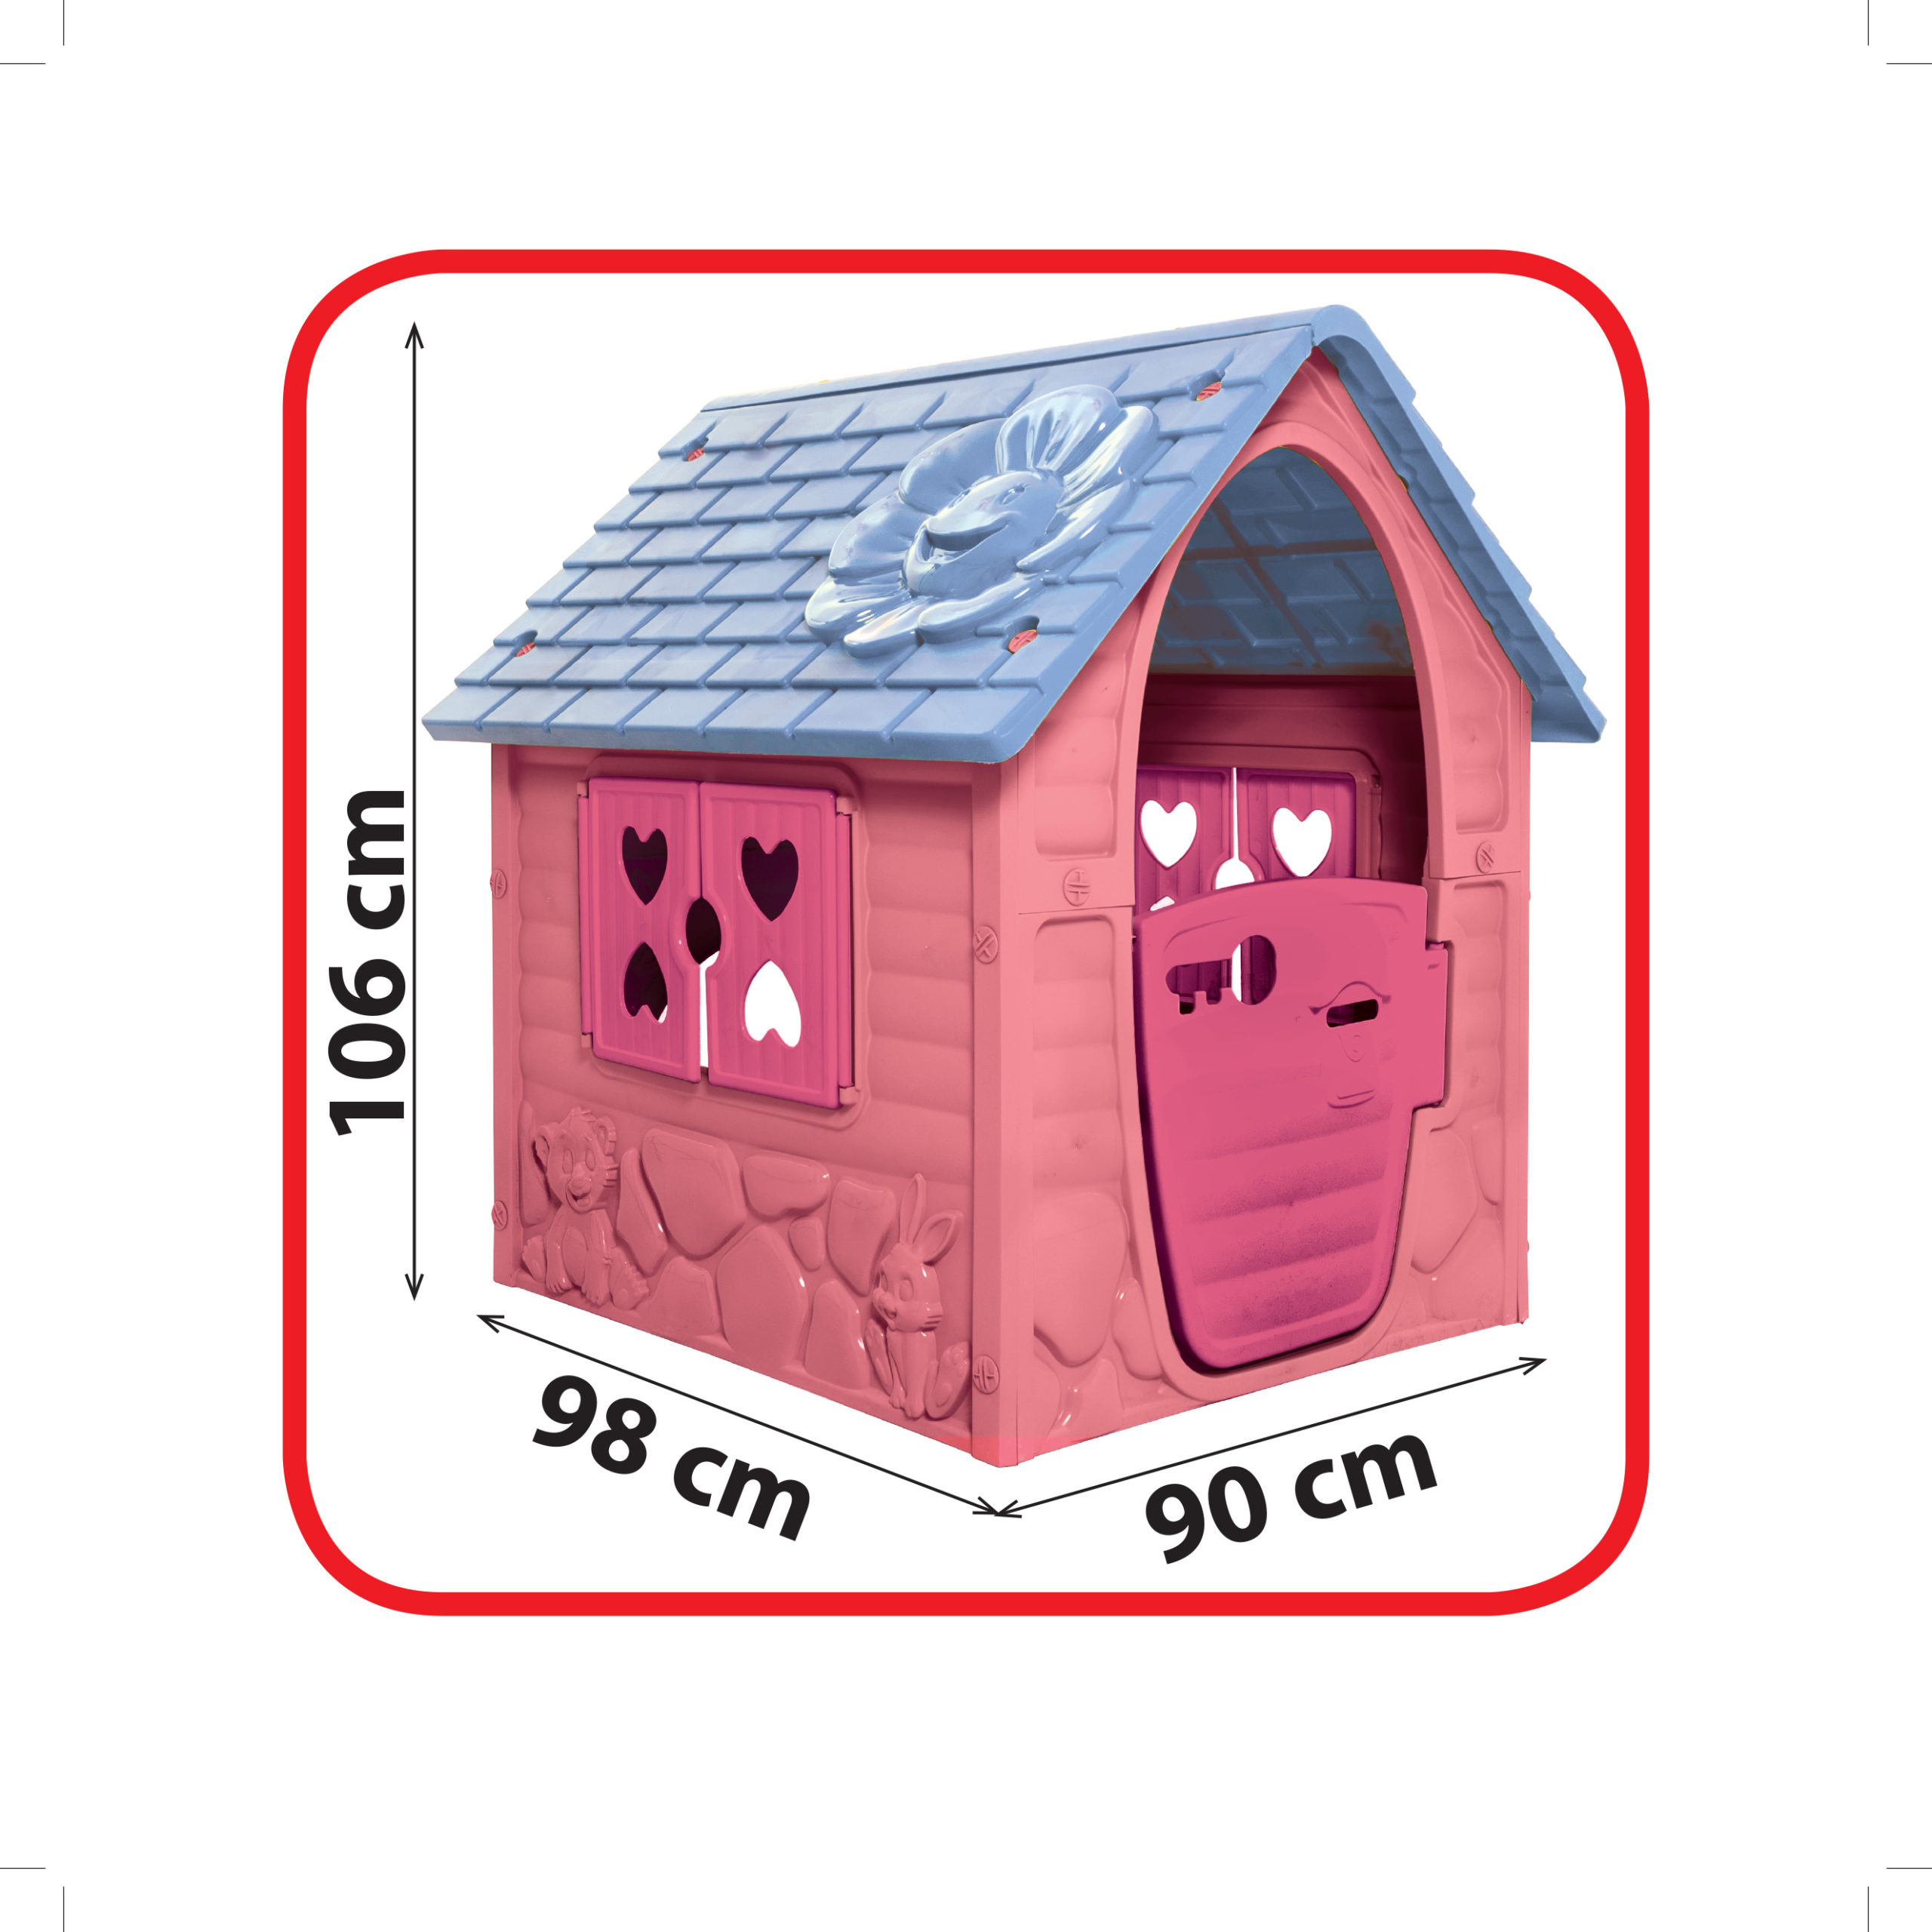 rózsaszín műanyag virágos játékház méret